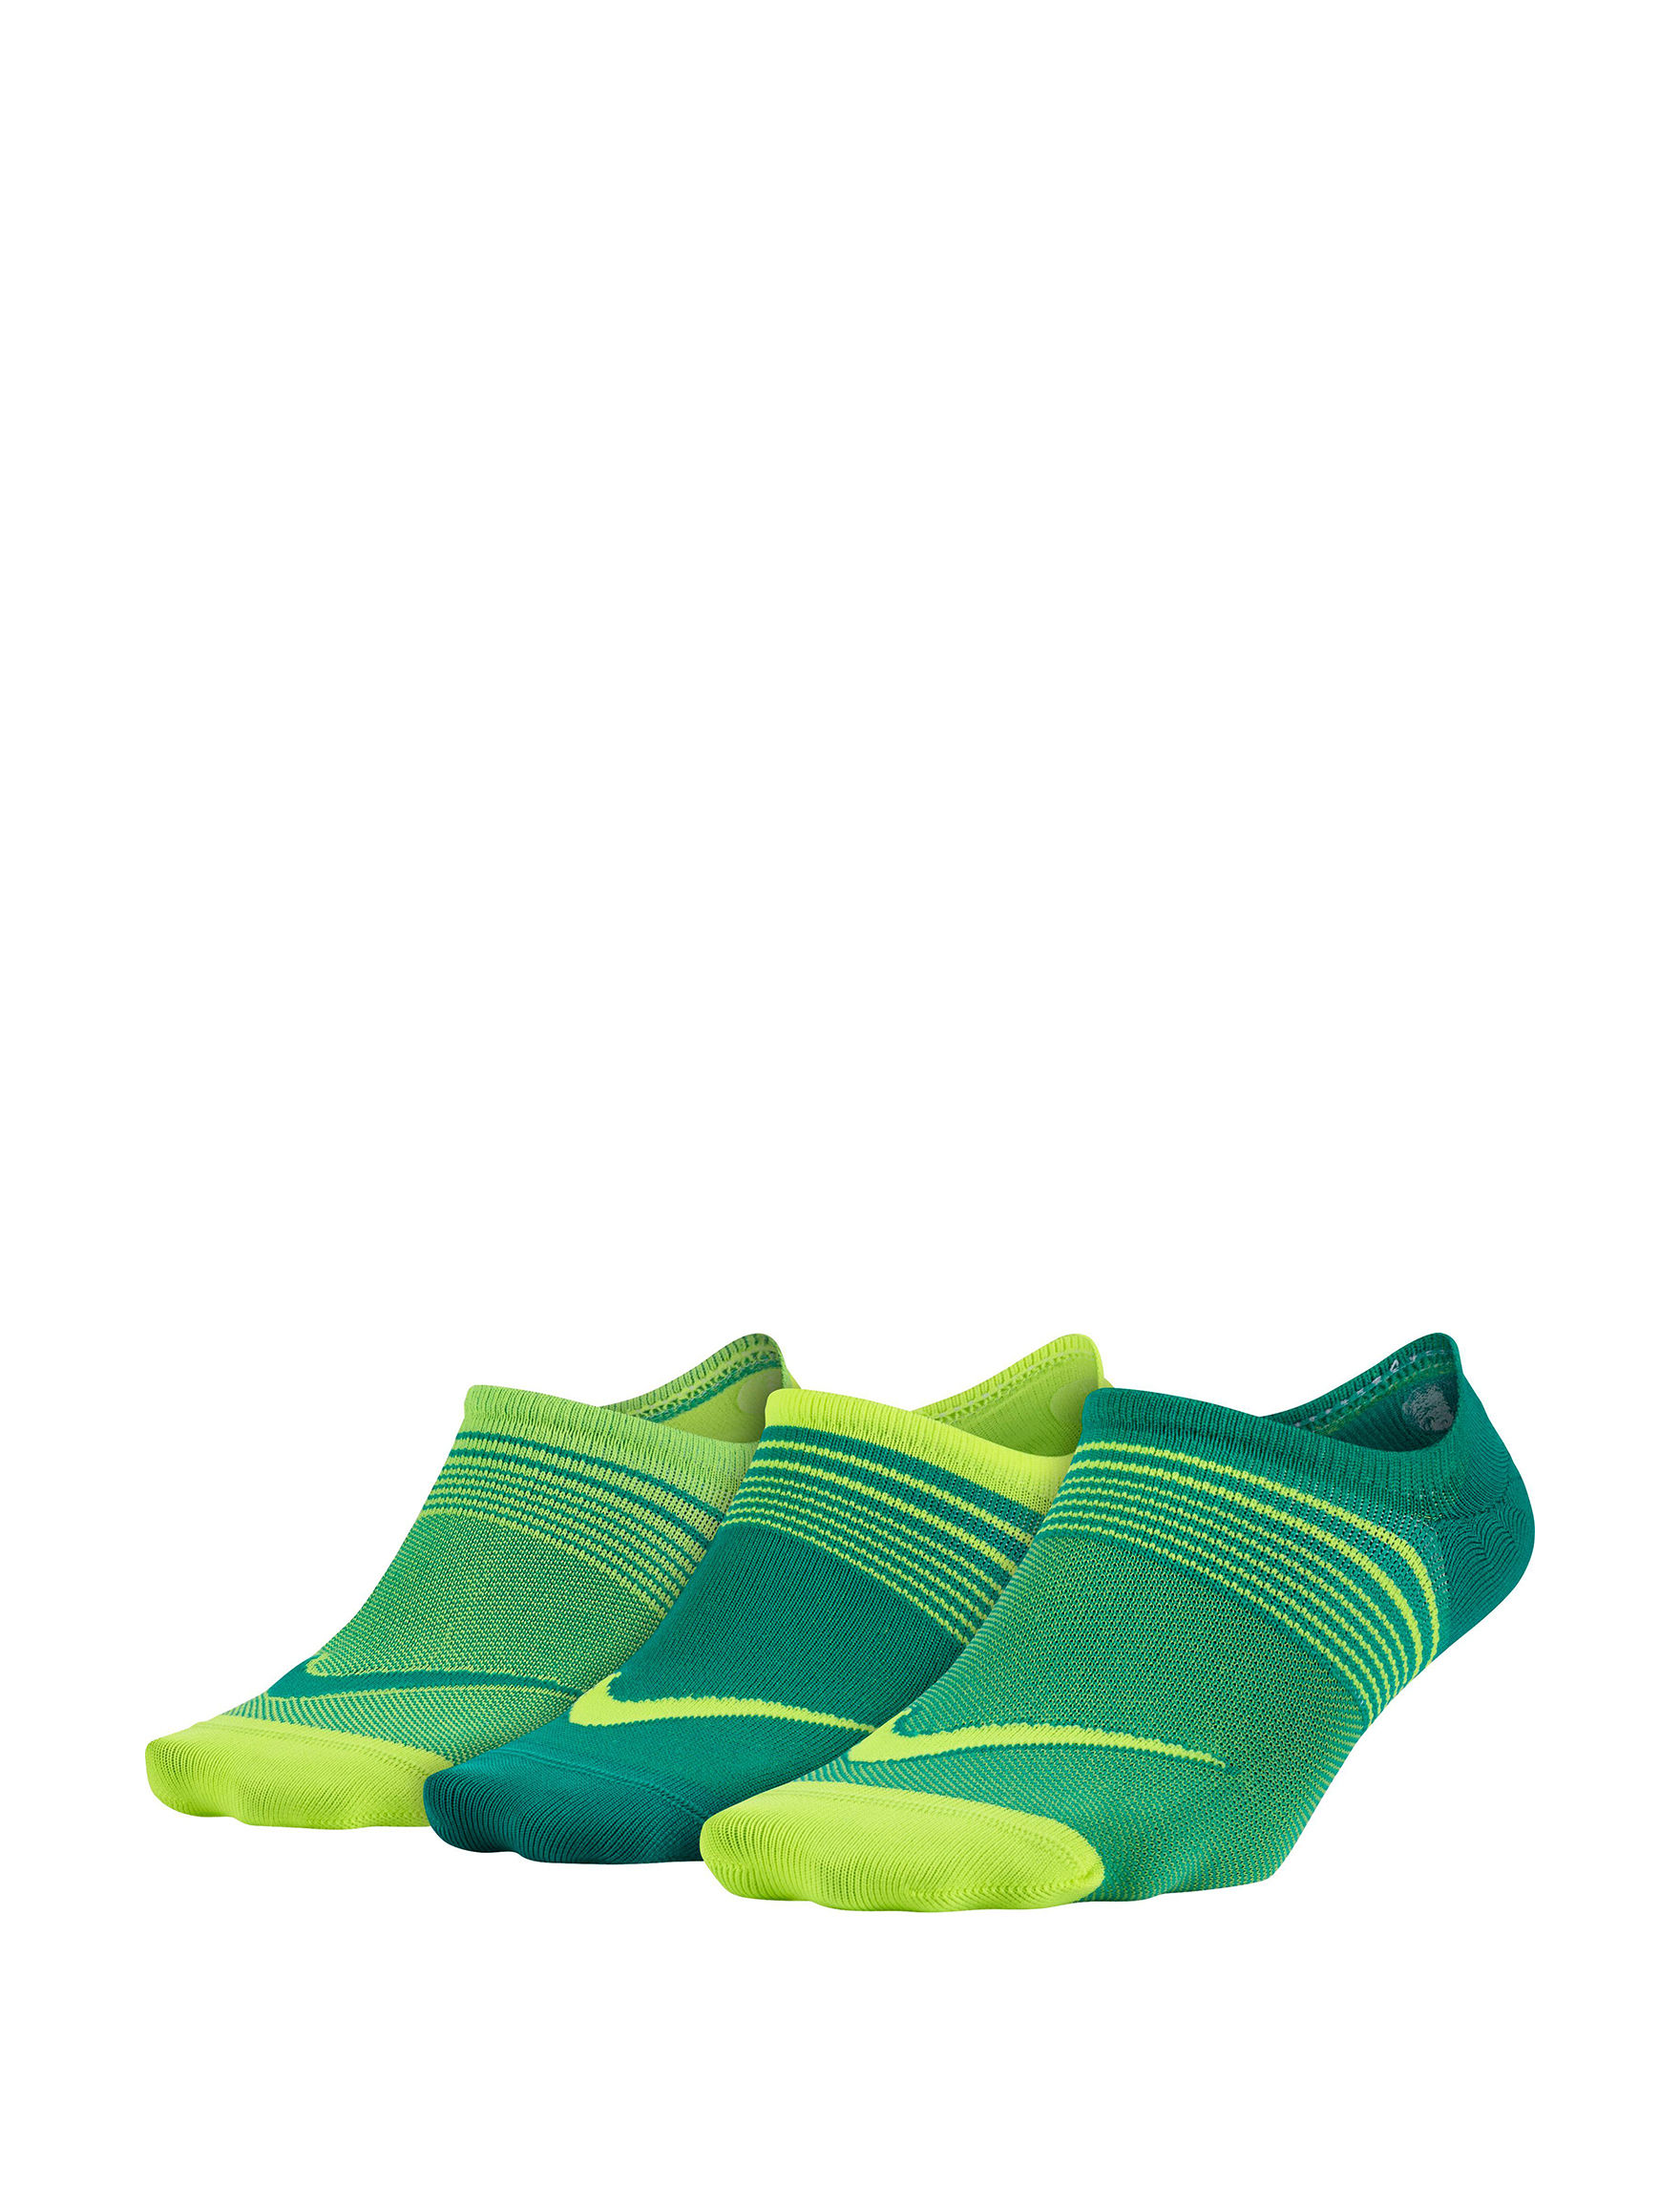 Nike Green / Yellow Socks